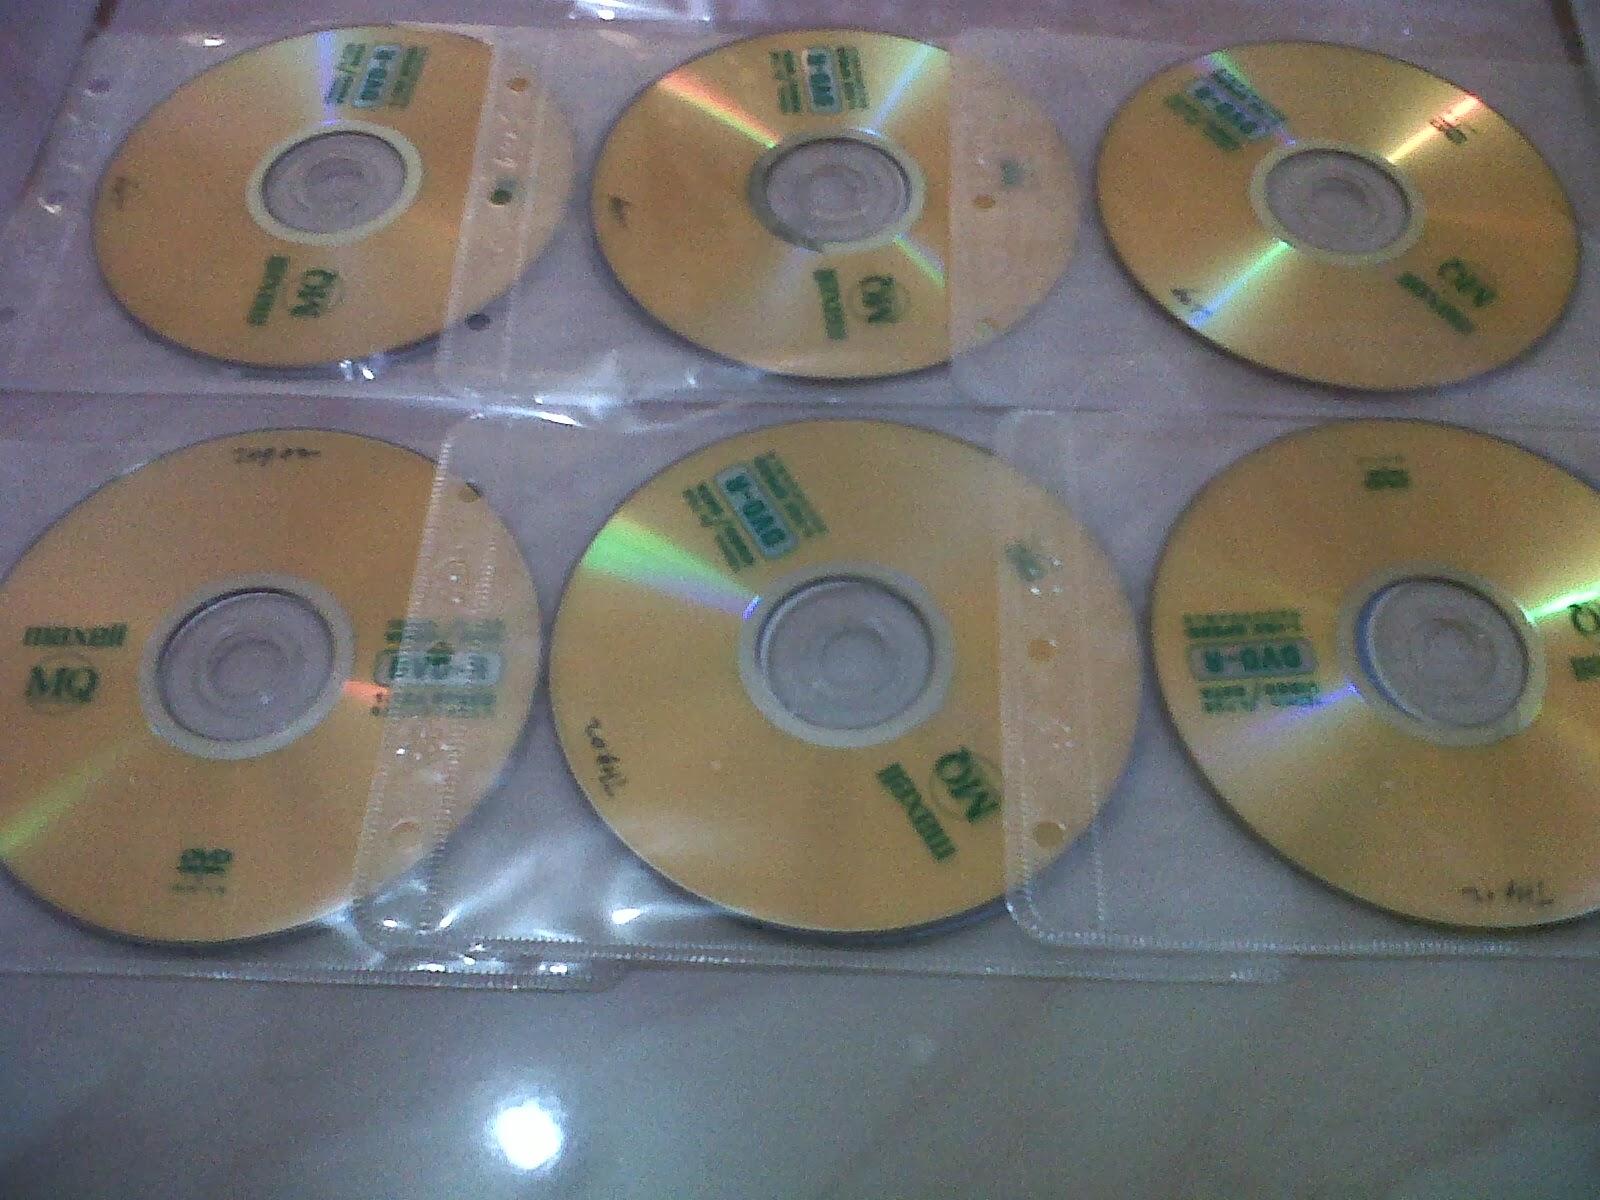 DVD MAXELL TANPA COVER